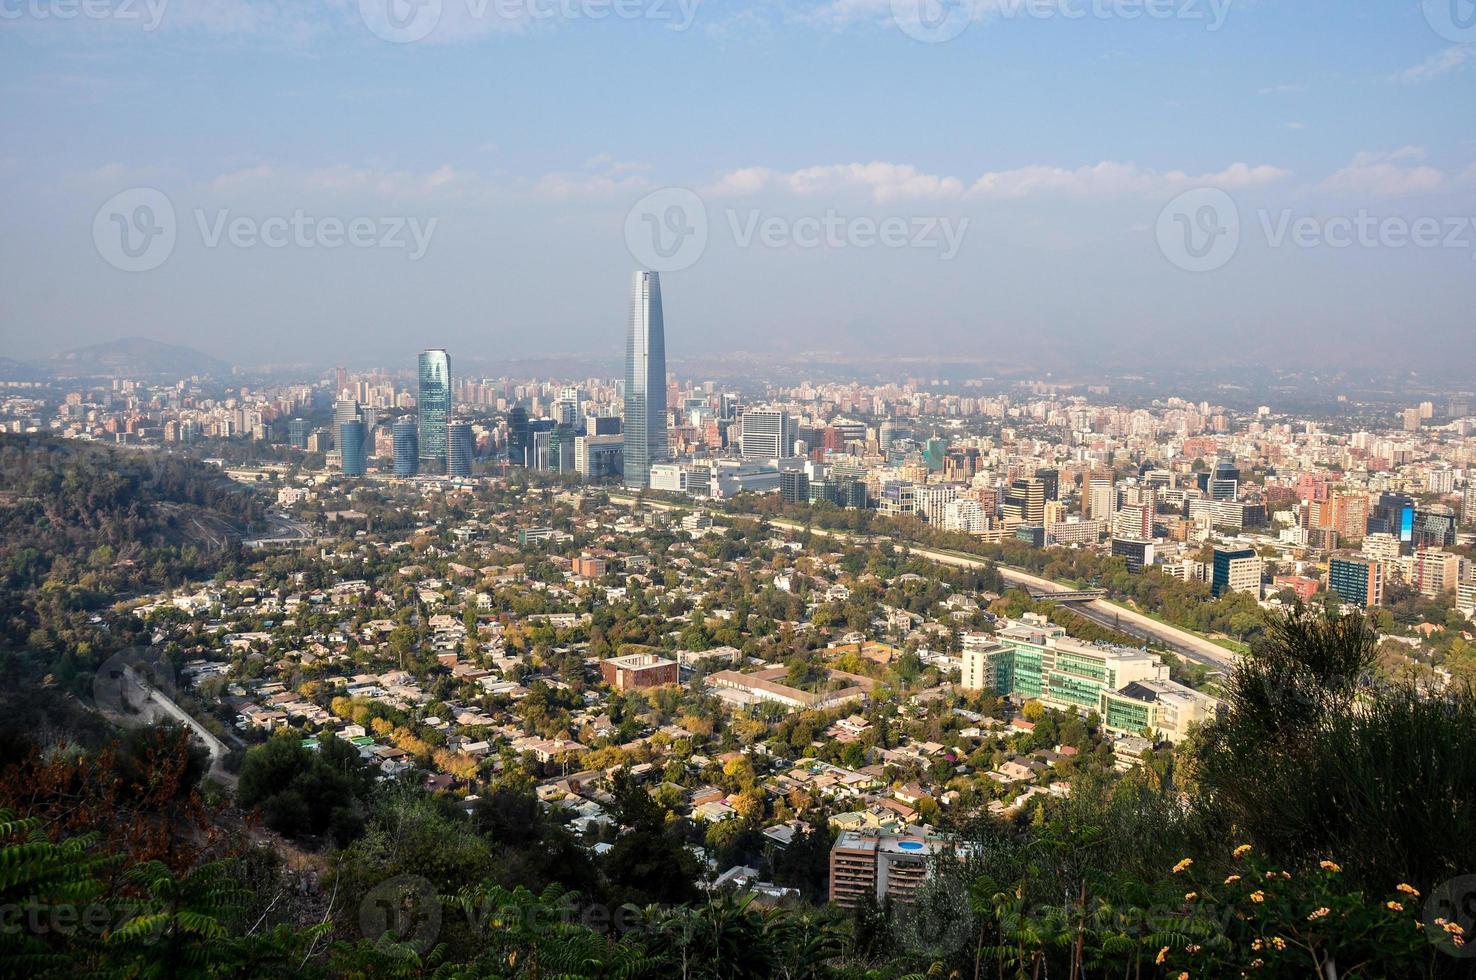 vista dello skyline di santiago da cerro san cristobal, cile foto